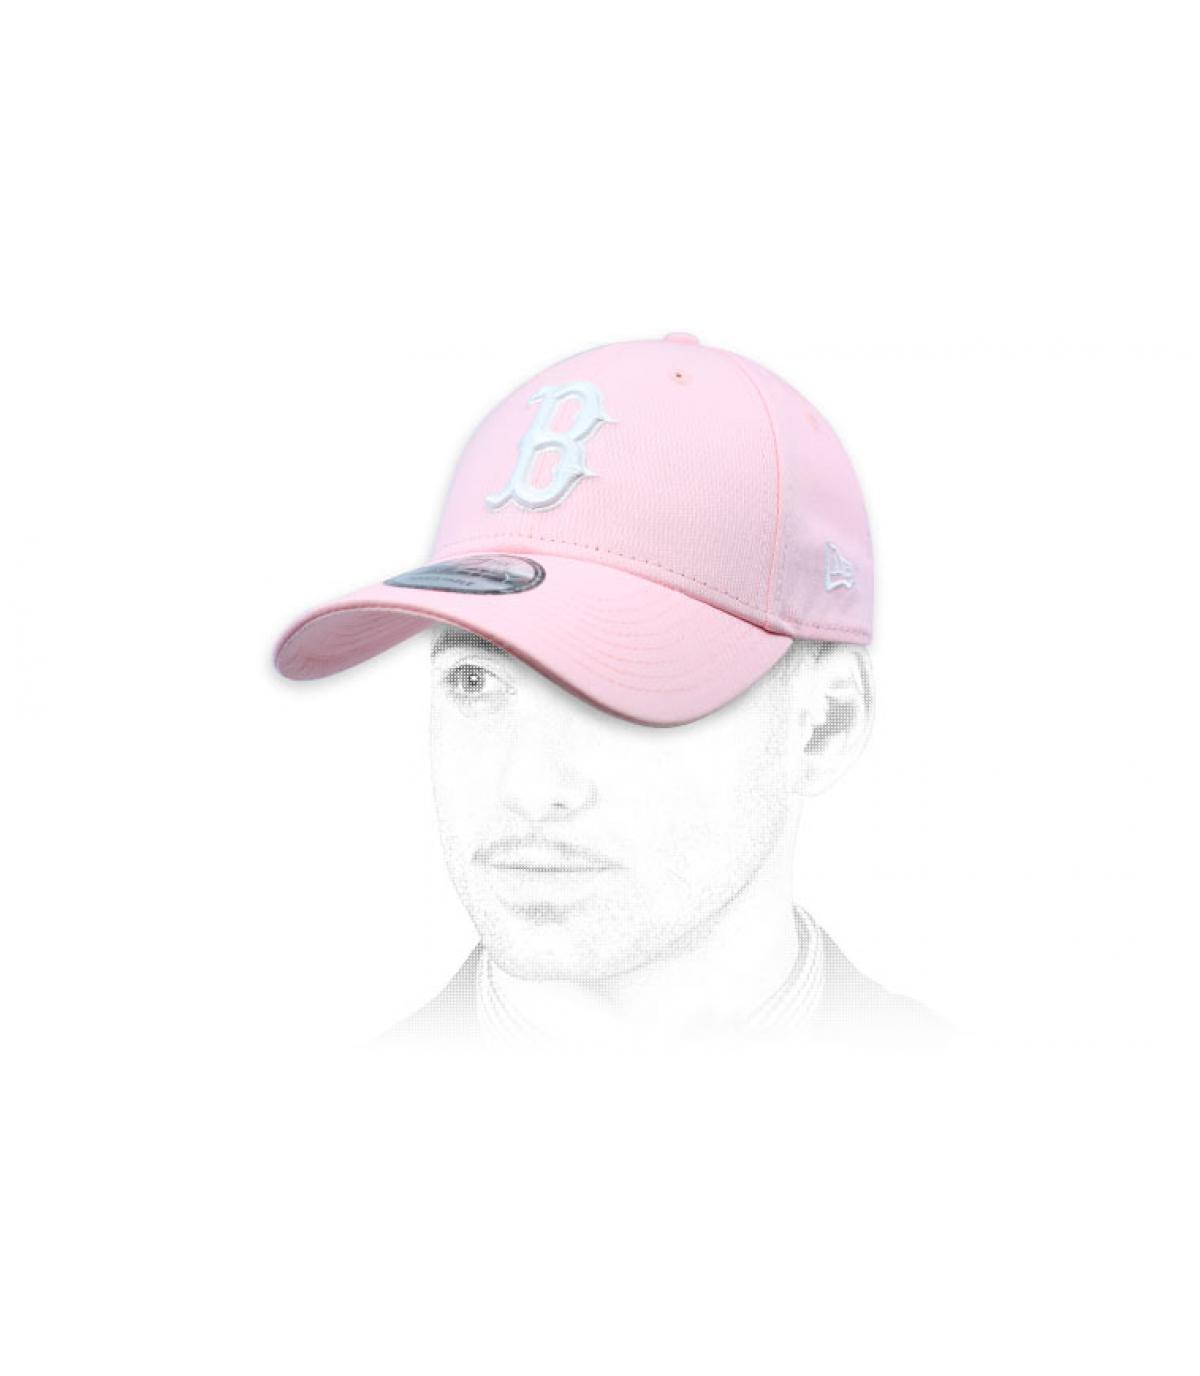 berretto rosa bianco B